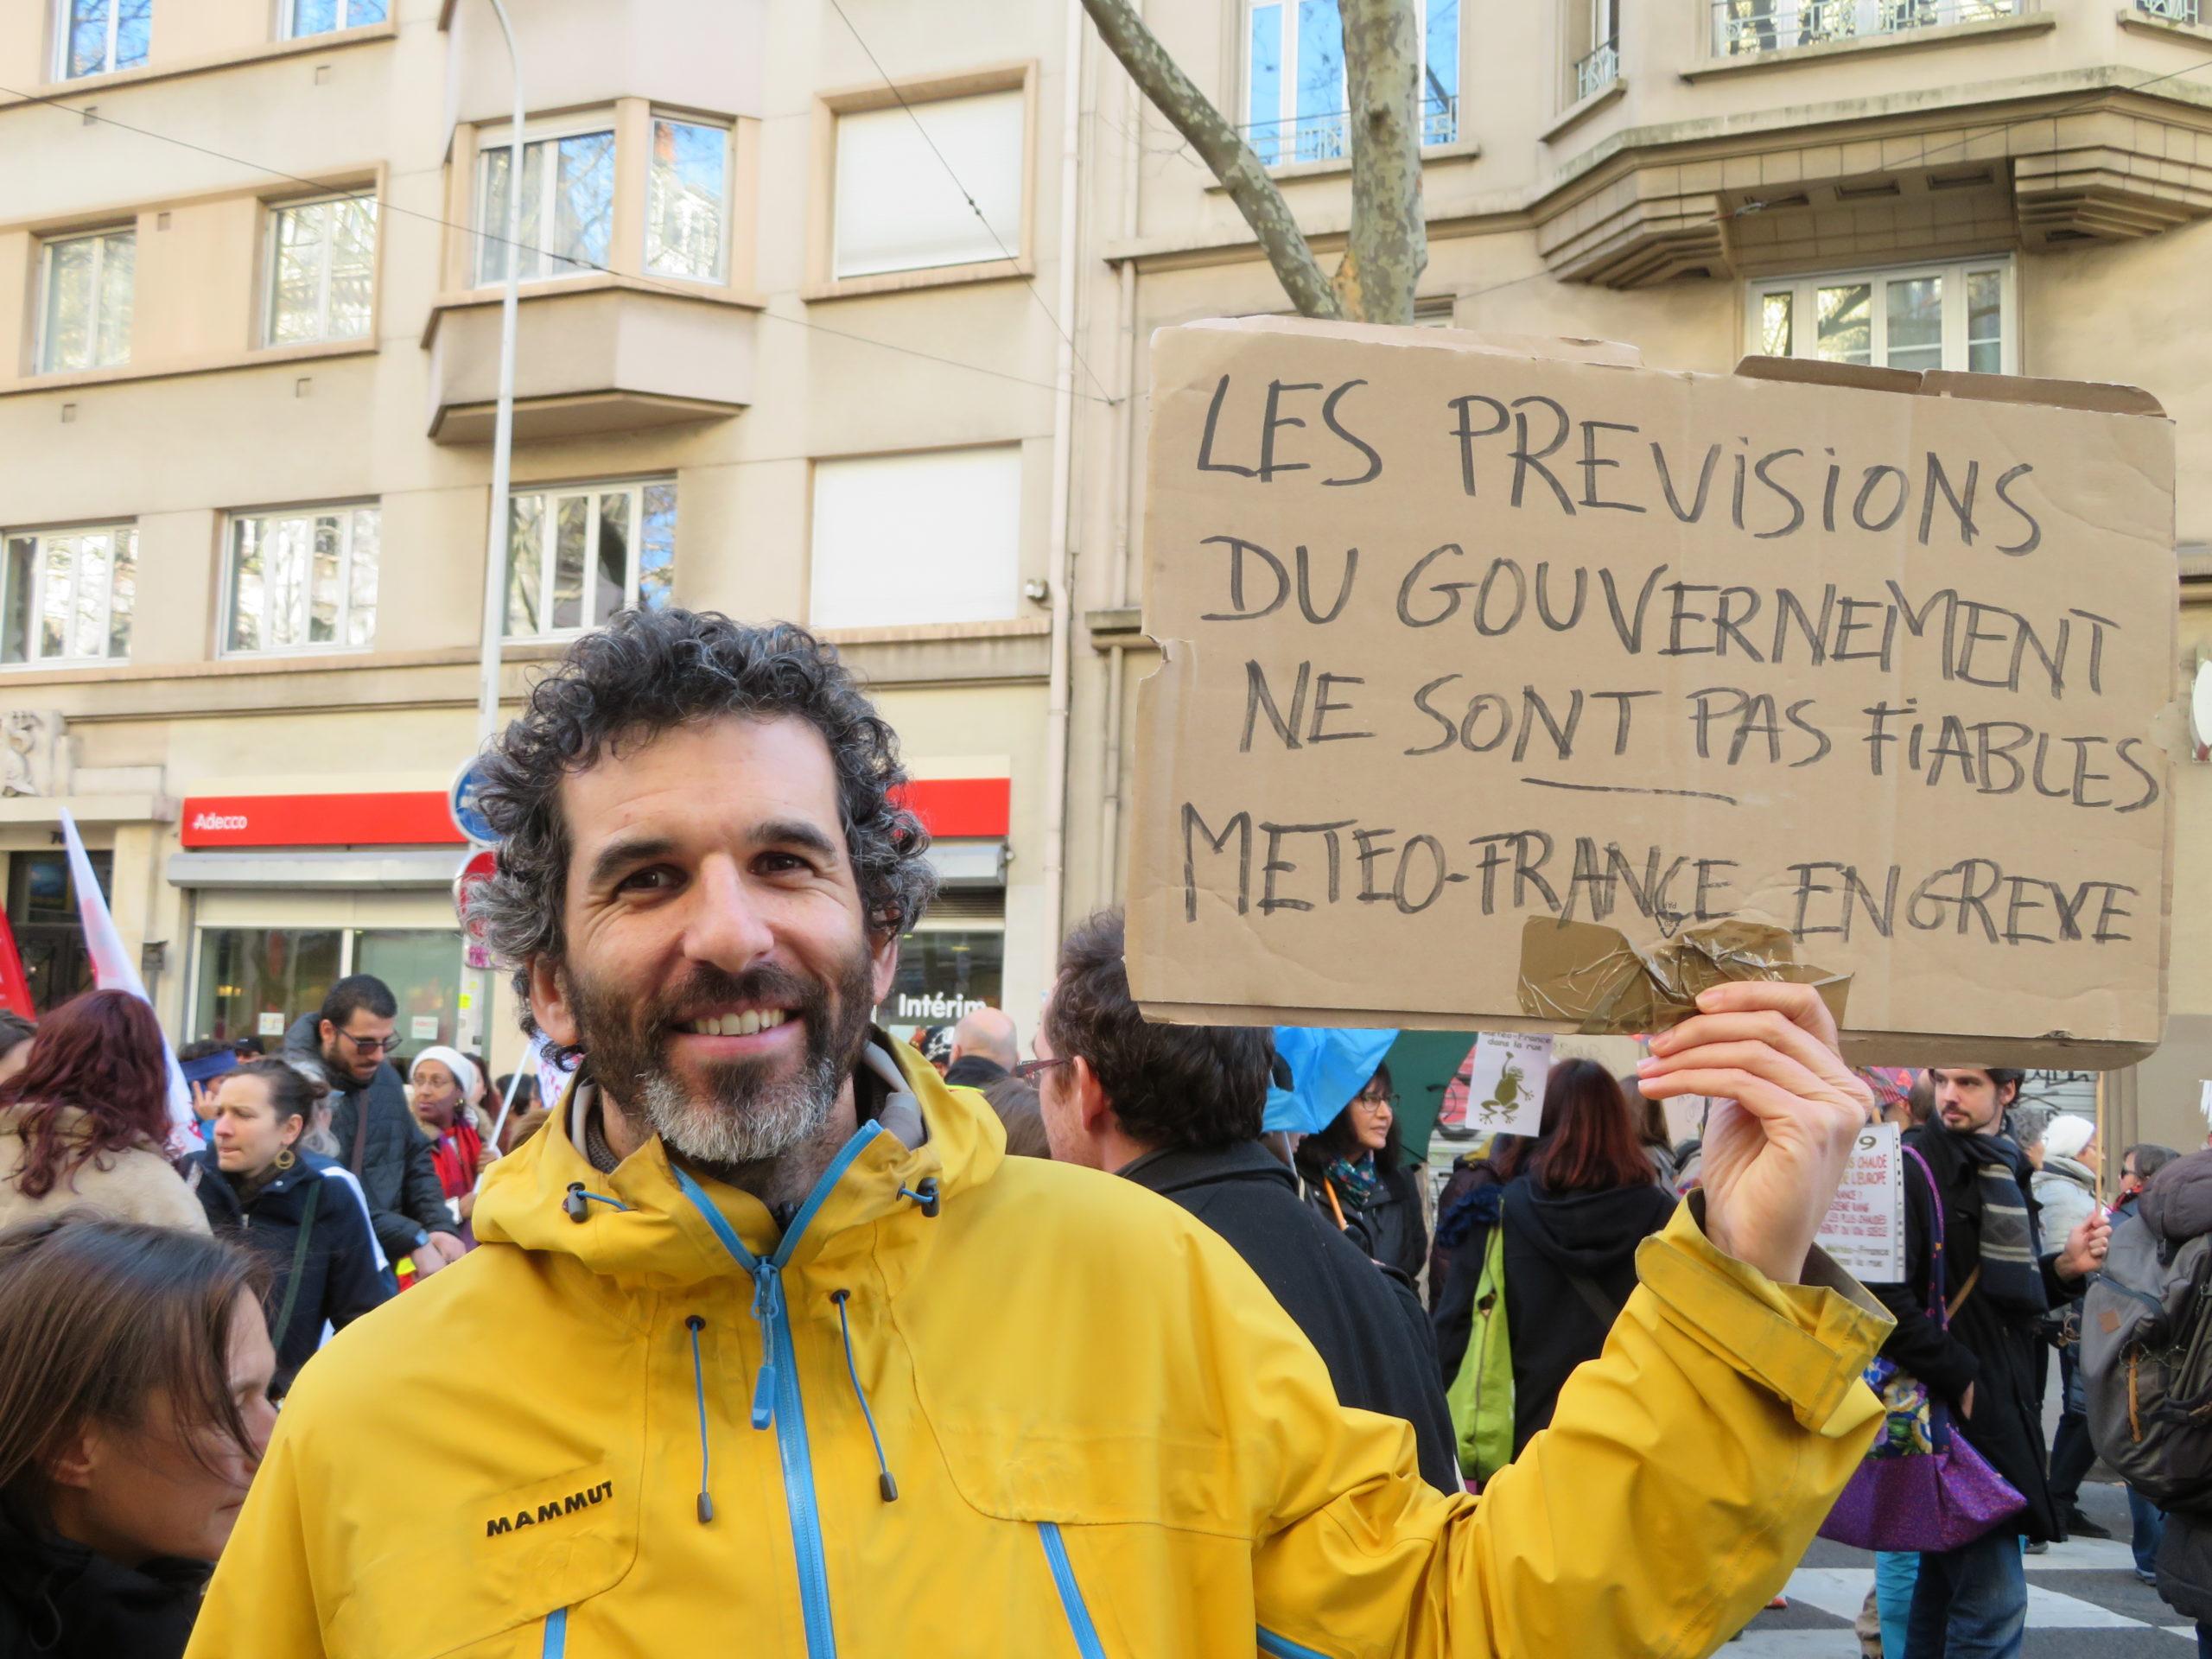 François est prévisionniste à MétéoFrance à Lyon. En tout, ils sont 160 dans la région Rhône-Alpes Auvergne à exercer ce métier. Il espère que ce mouvement permettra une véritable prise de conscience des enjeux sociaux et environnementaux. Photo : Tim Buisson.